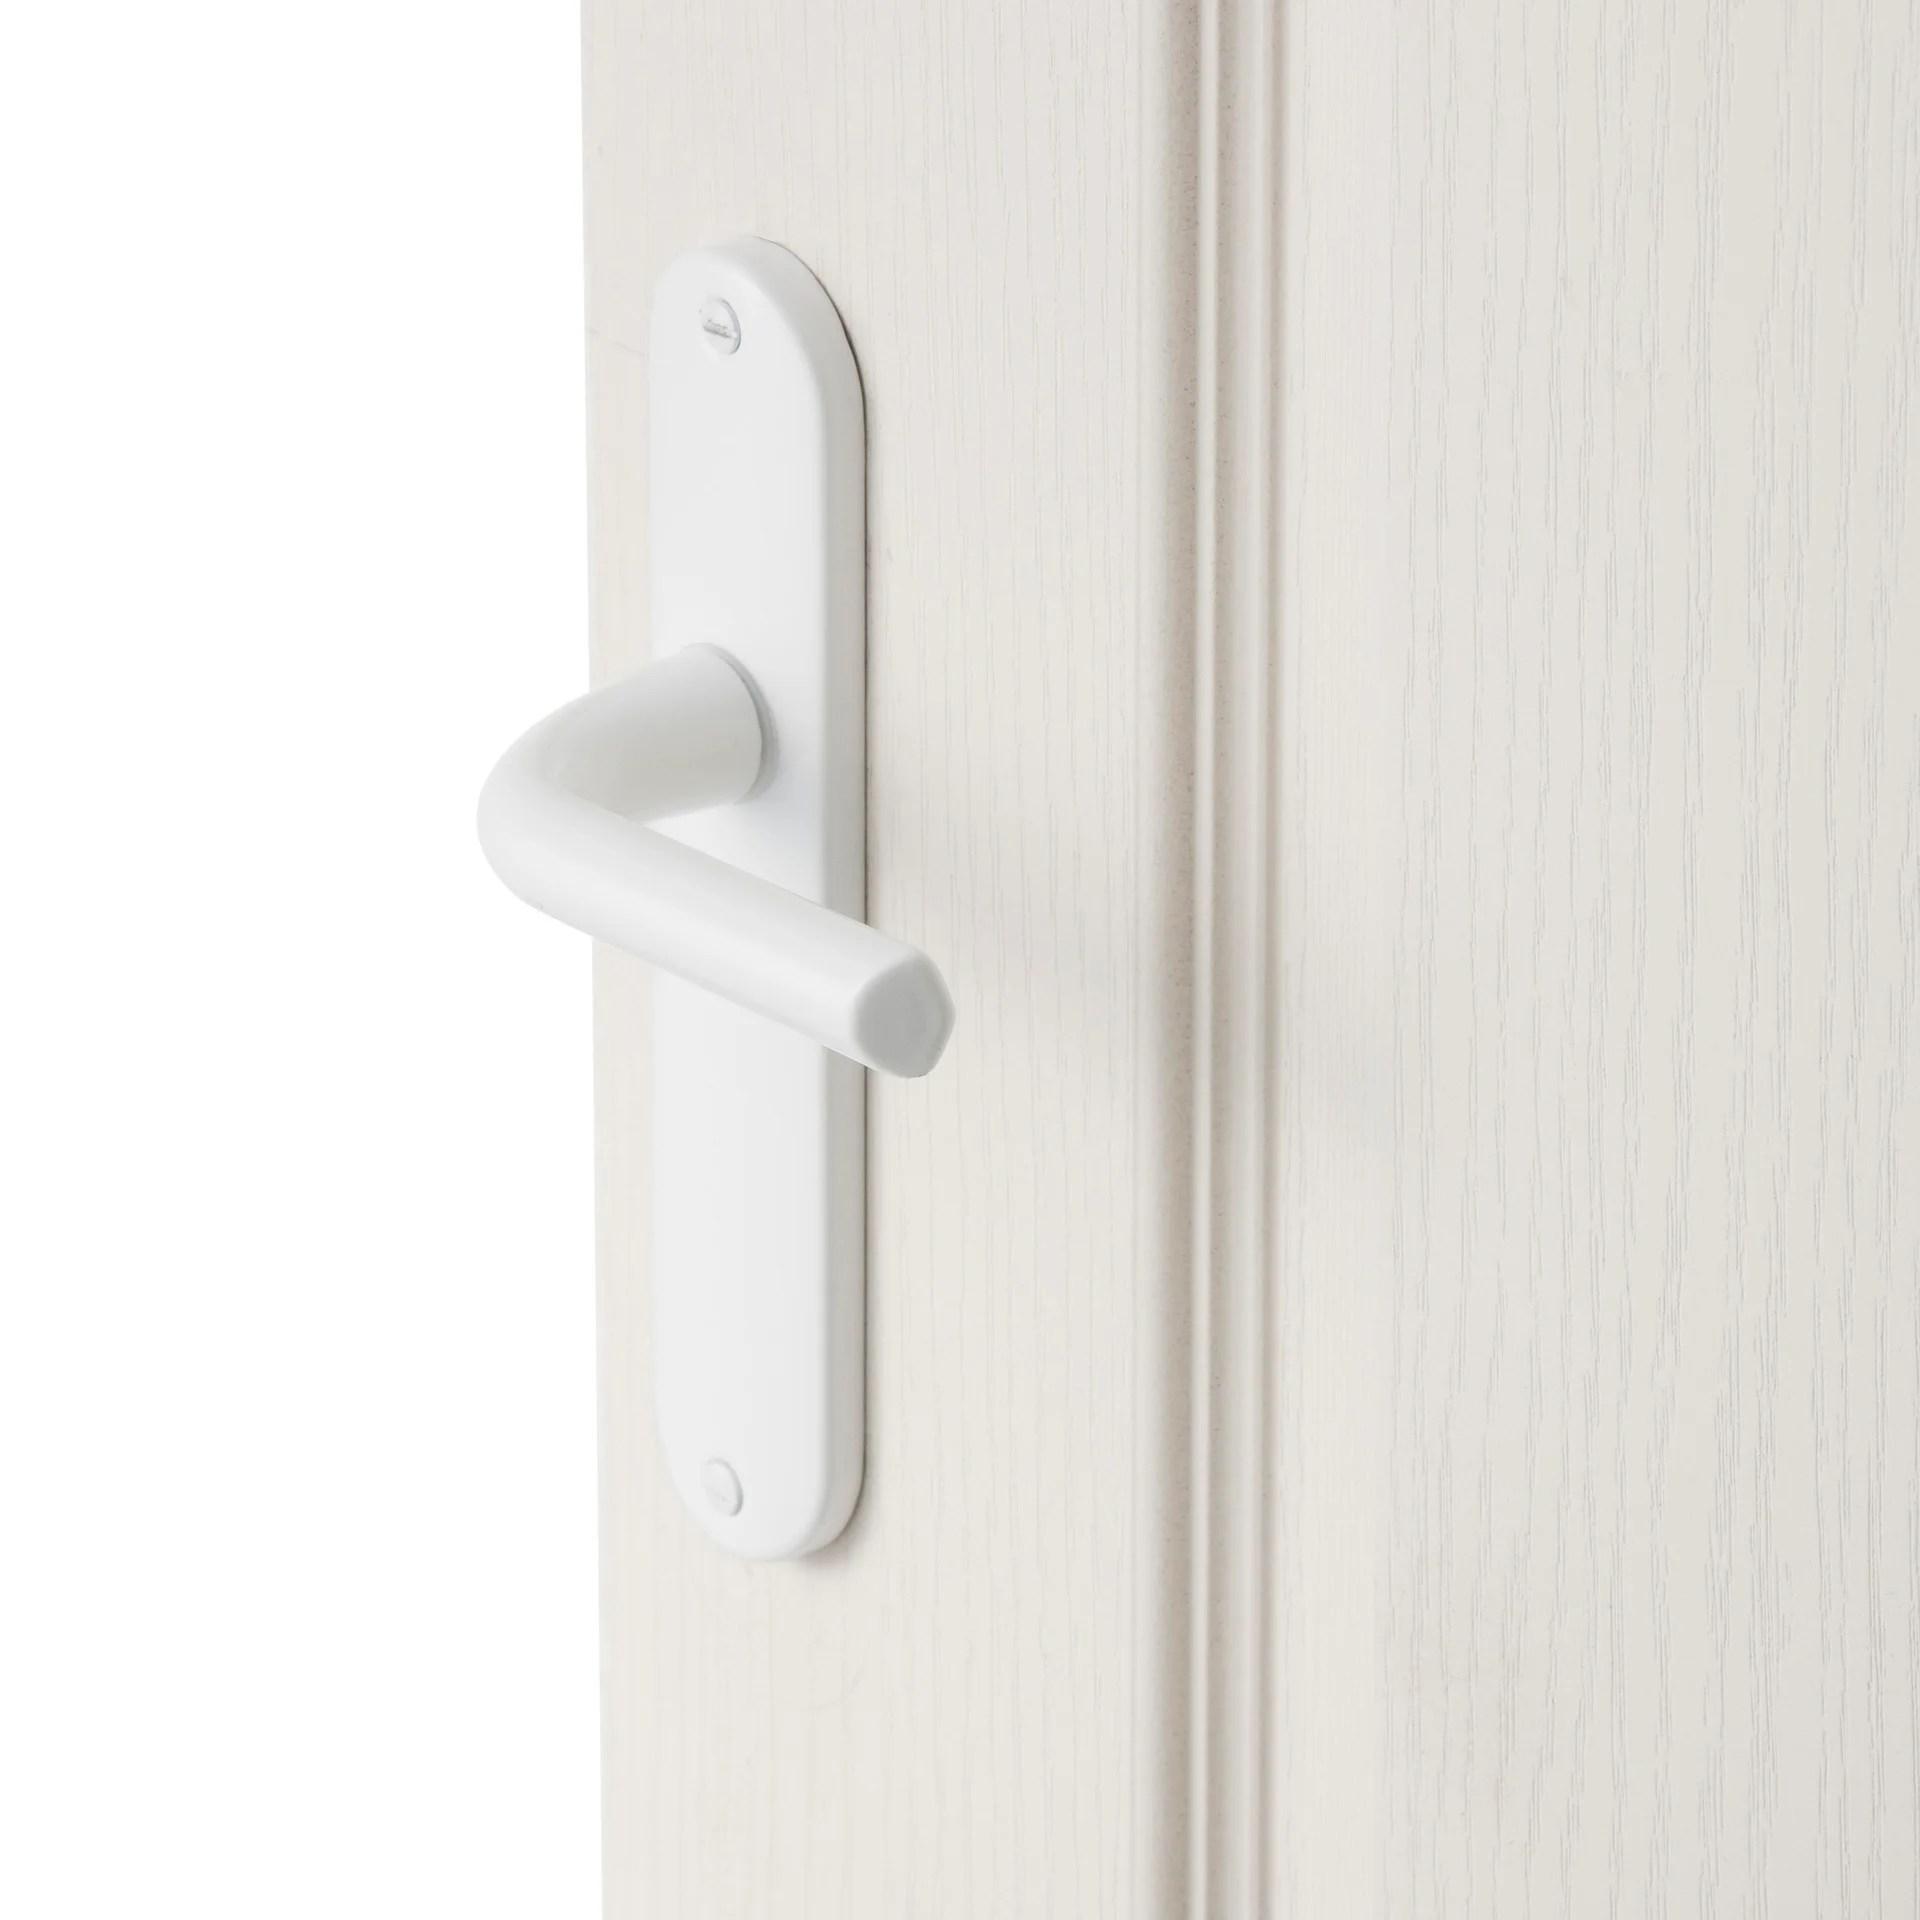 2 poignees de porte etoile sans trou inspire aluminium entraxe 165 mm